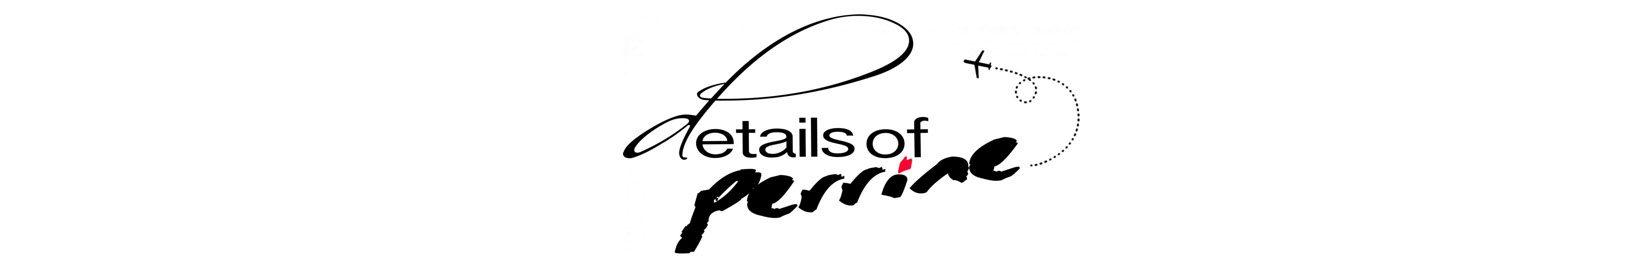 DETAILS OF PERRINE